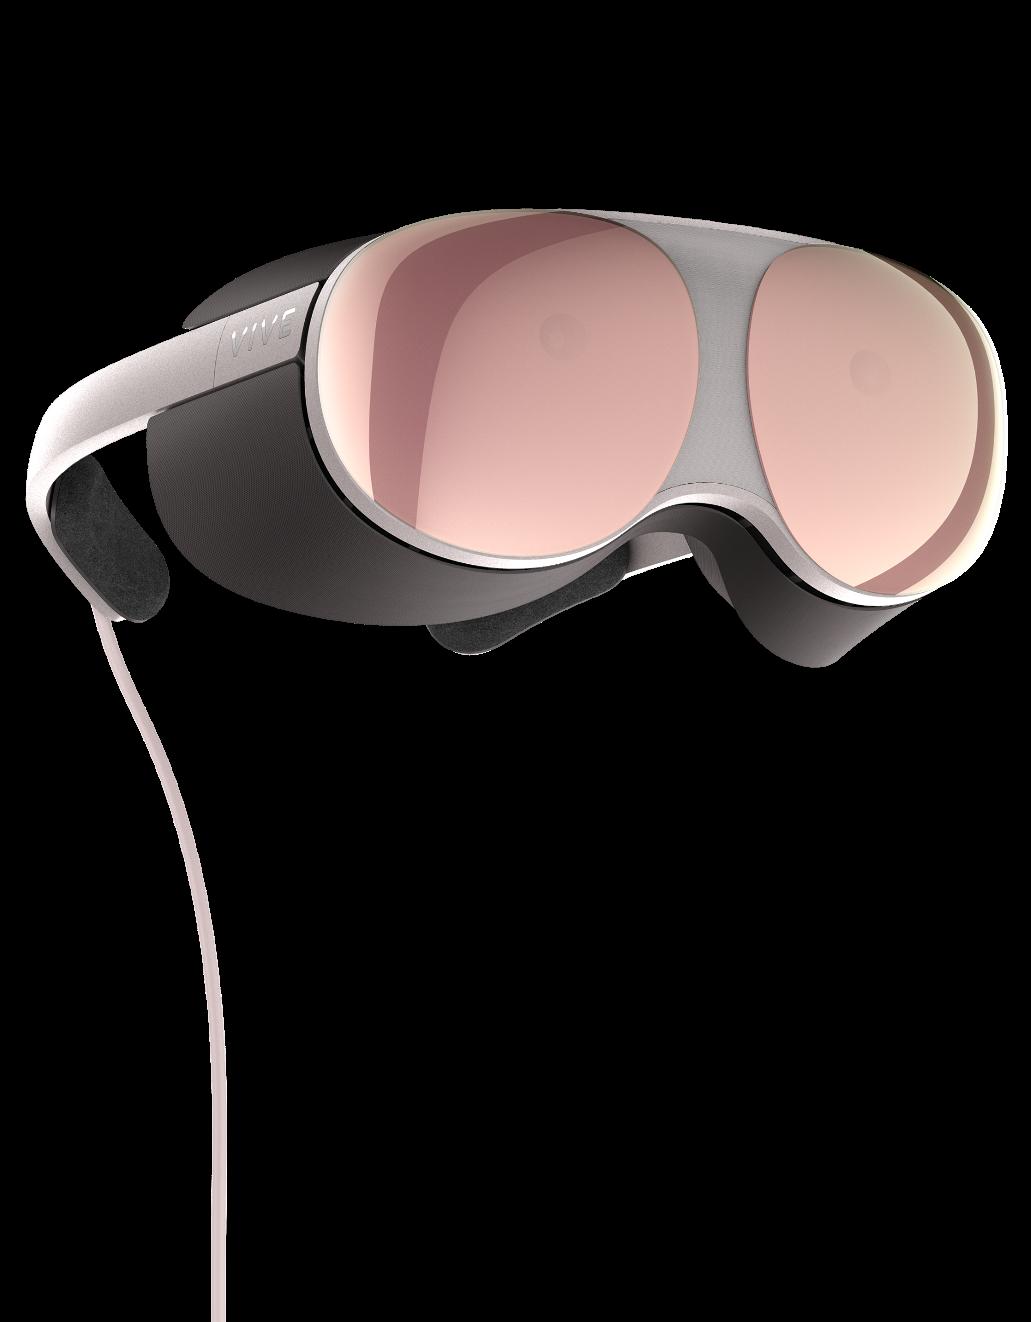 HTC Proton prototype headset design